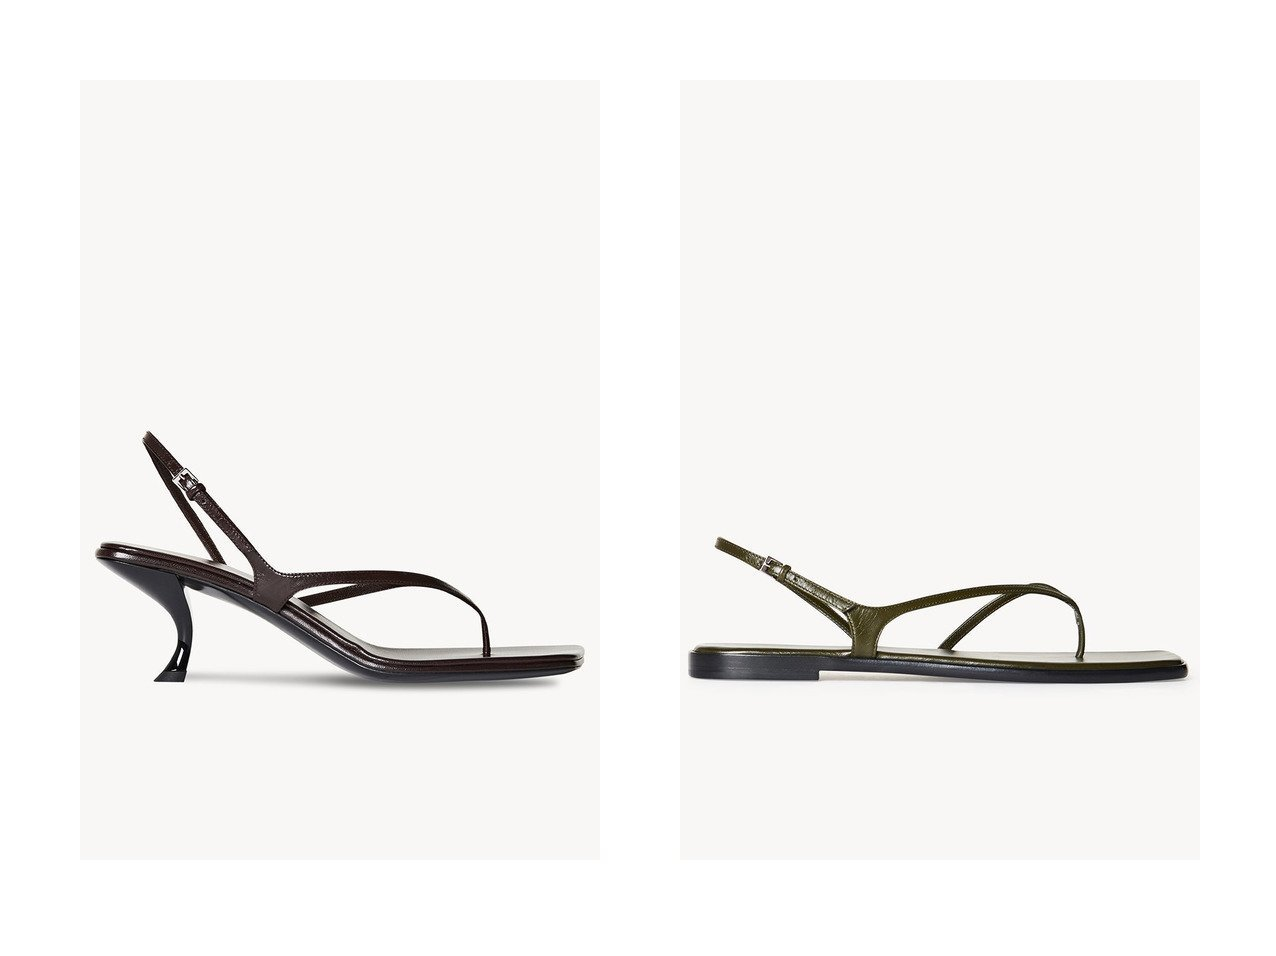 【THE ROW/ザ ロウ】のCONSTANCE フラットサンダル&CONSTANCE サンダル 【シューズ・靴】おすすめ!人気、トレンド・レディースファッションの通販 おすすめで人気の流行・トレンド、ファッションの通販商品 インテリア・家具・メンズファッション・キッズファッション・レディースファッション・服の通販 founy(ファニー) https://founy.com/ ファッション Fashion レディースファッション WOMEN インソール エレガント サンダル シルバー ラップ S/S・春夏 SS・Spring/Summer フラット 春 Spring |ID:crp329100000040301